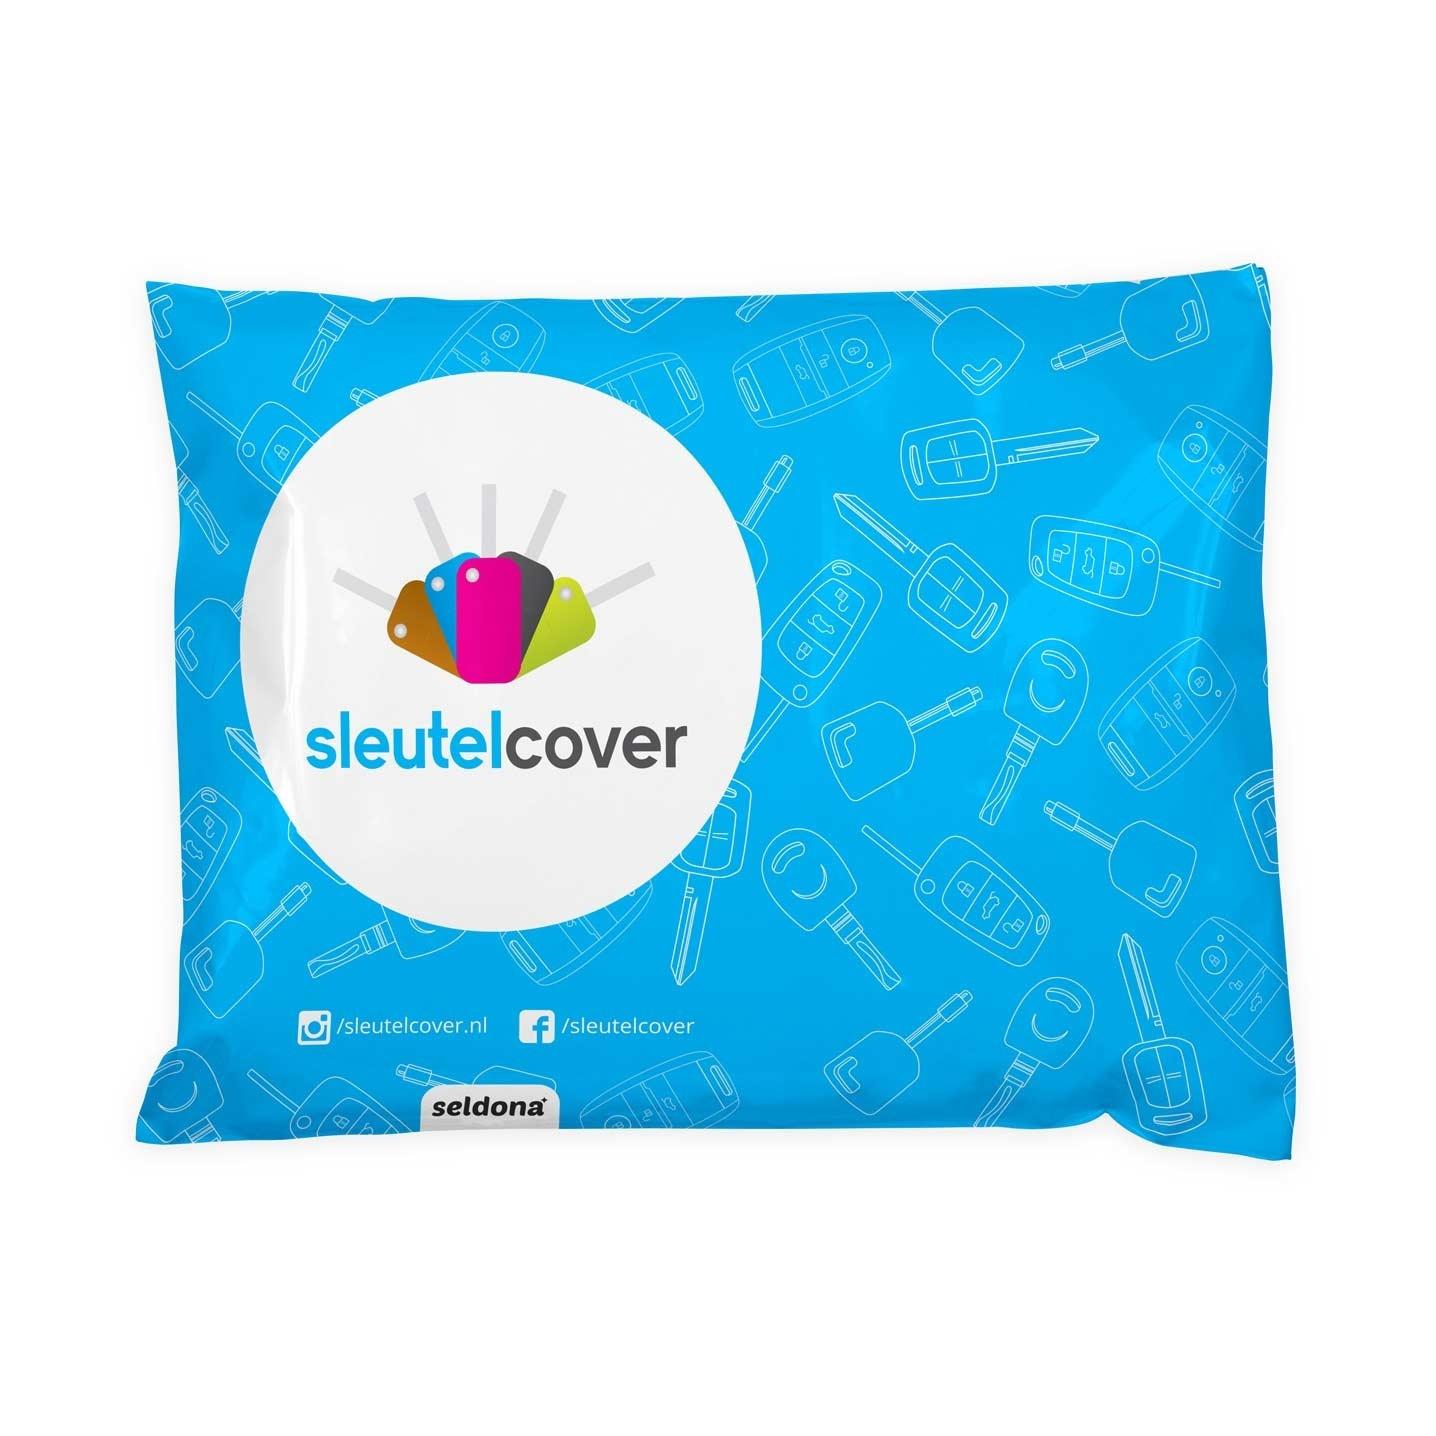 Seat SleutelCover - Rose Goud / TPU sleutelhoesje / beschermhoesje autosleutel